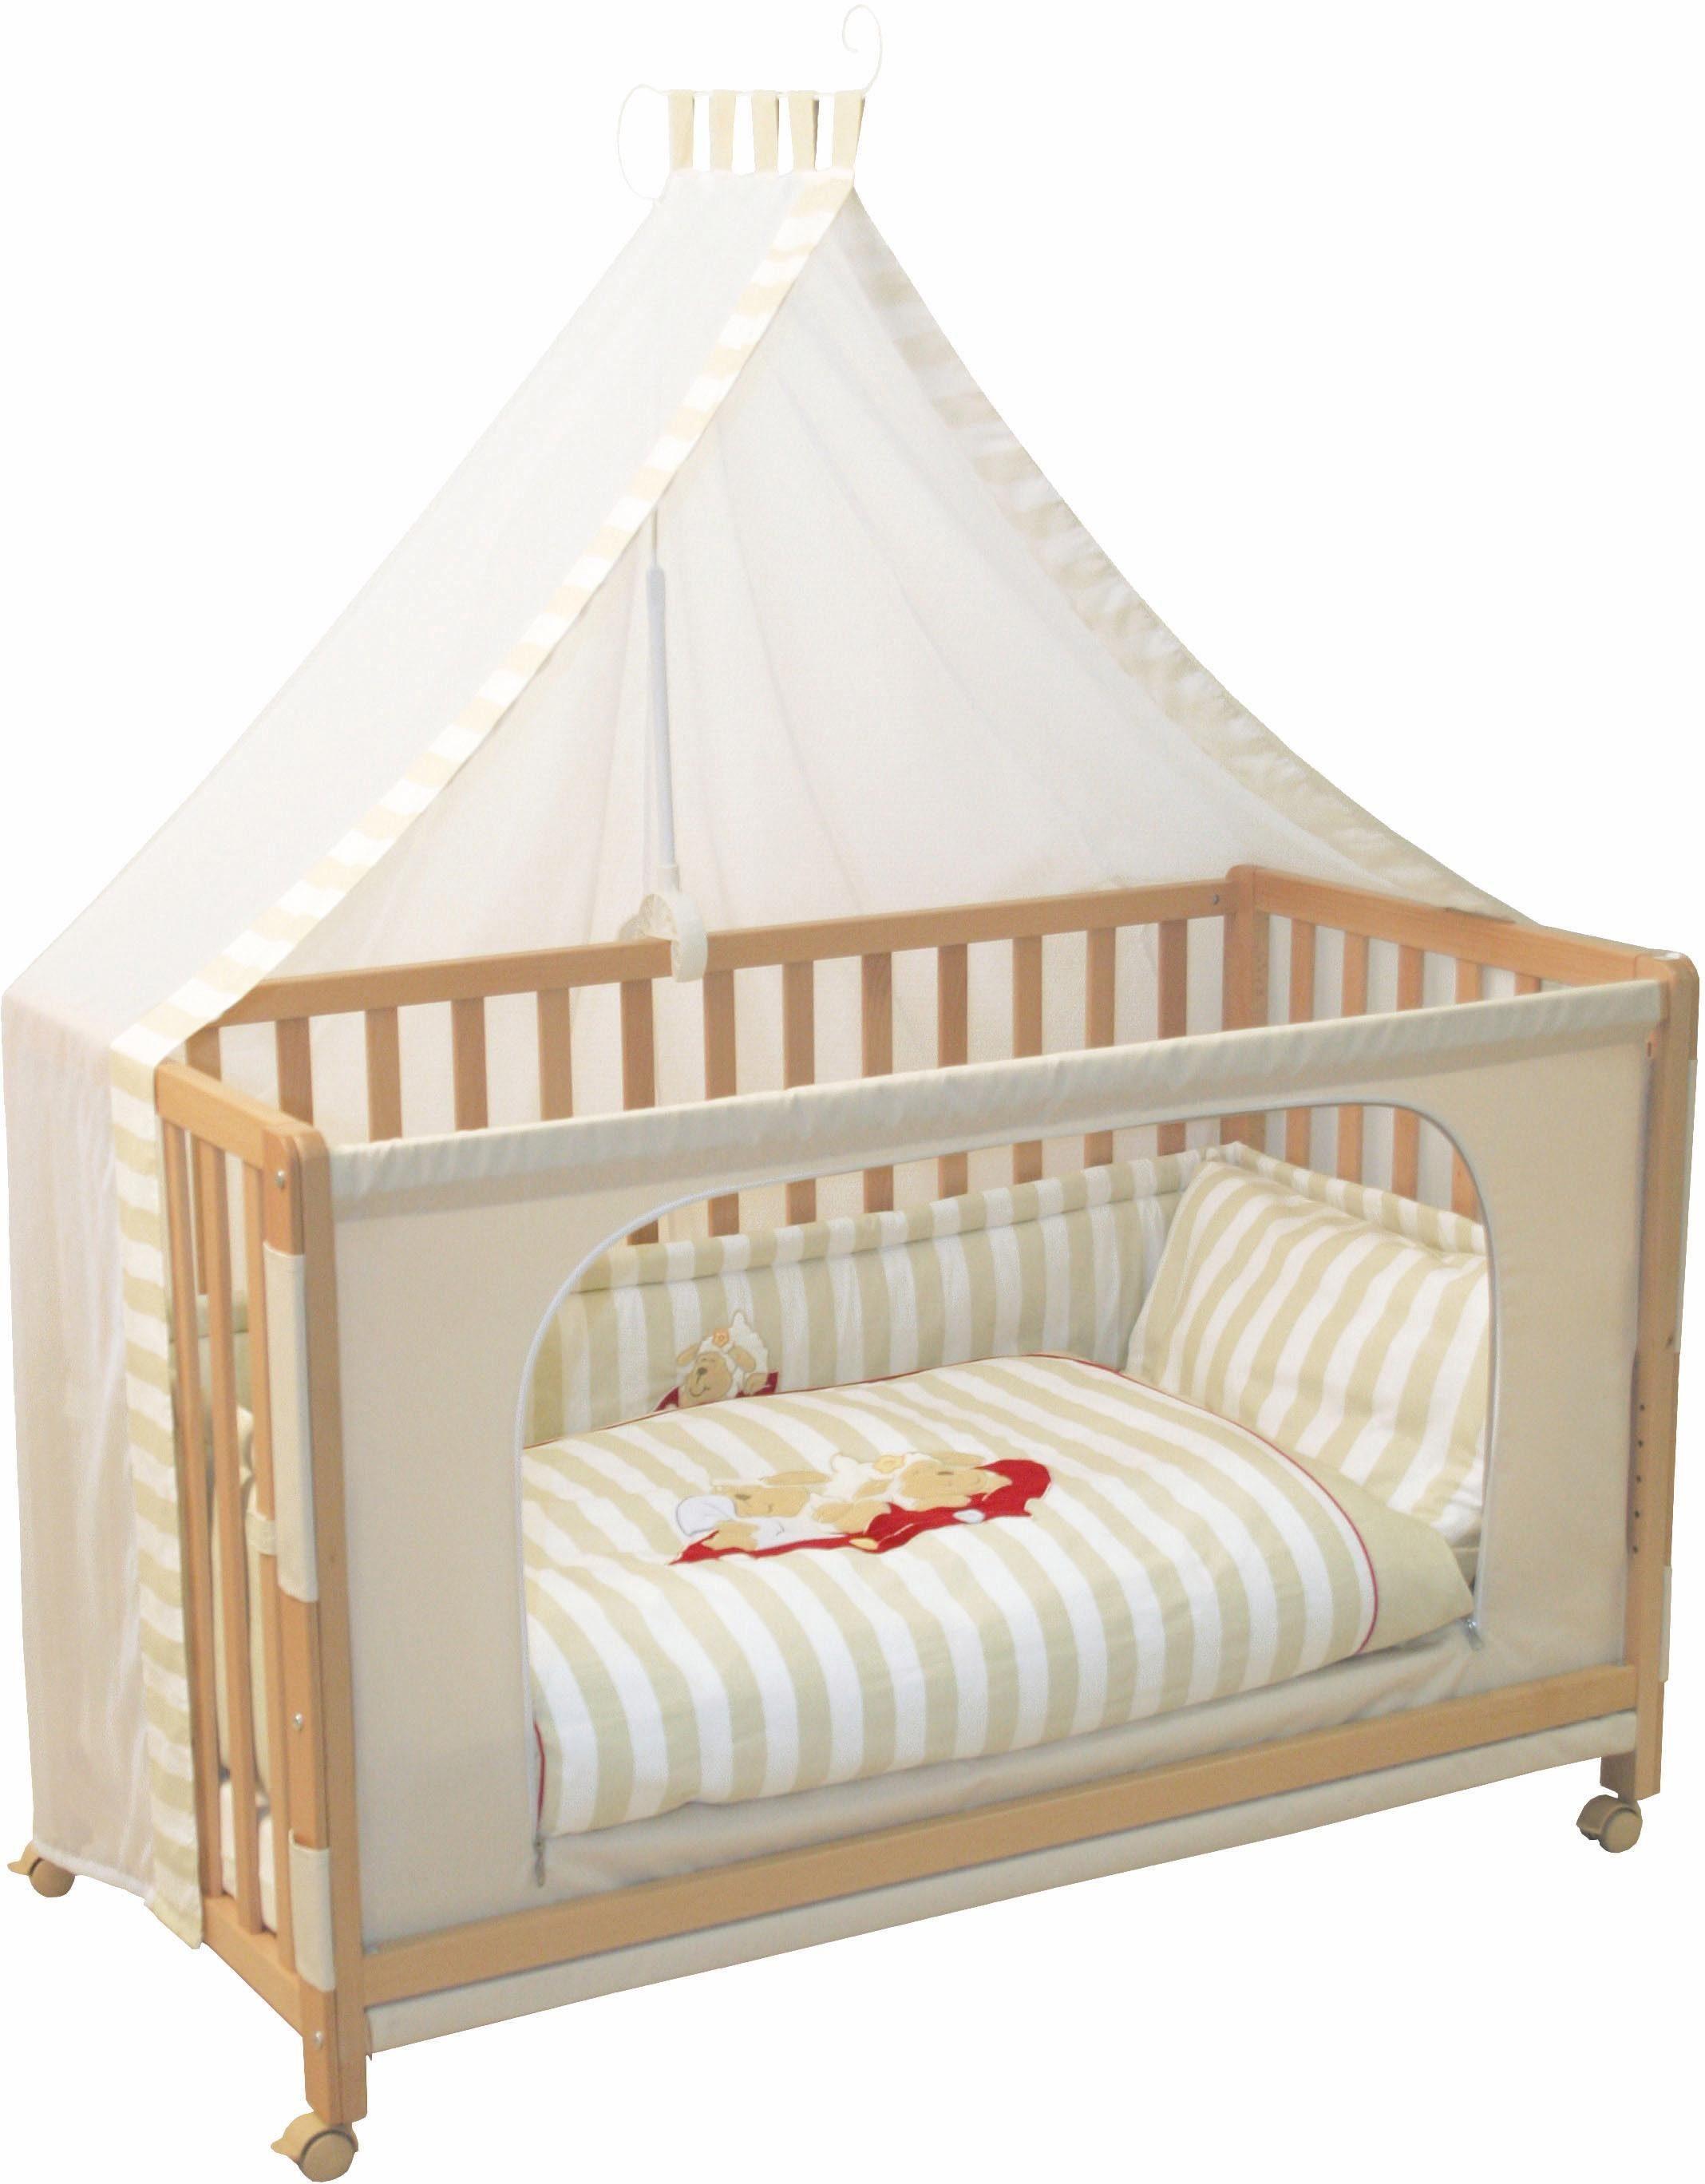 Roba Kinderbett aus Holz, »Room bed, Schnuffel«